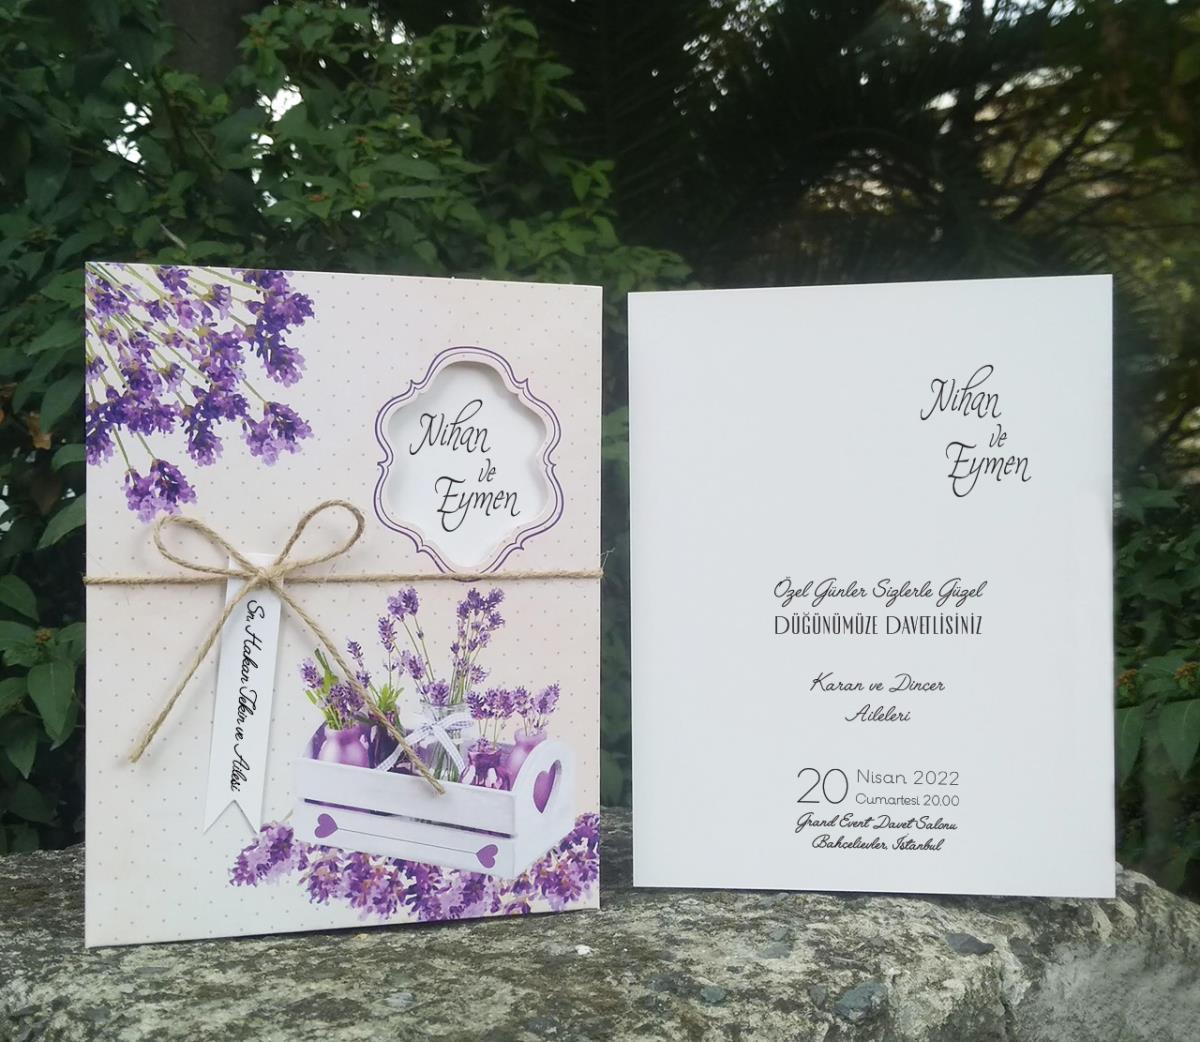 Ahşap saksıda mor lavanta çiçekleri, pudra pembesi zemin üzerinde uygulanmış düğün davetiyesi.